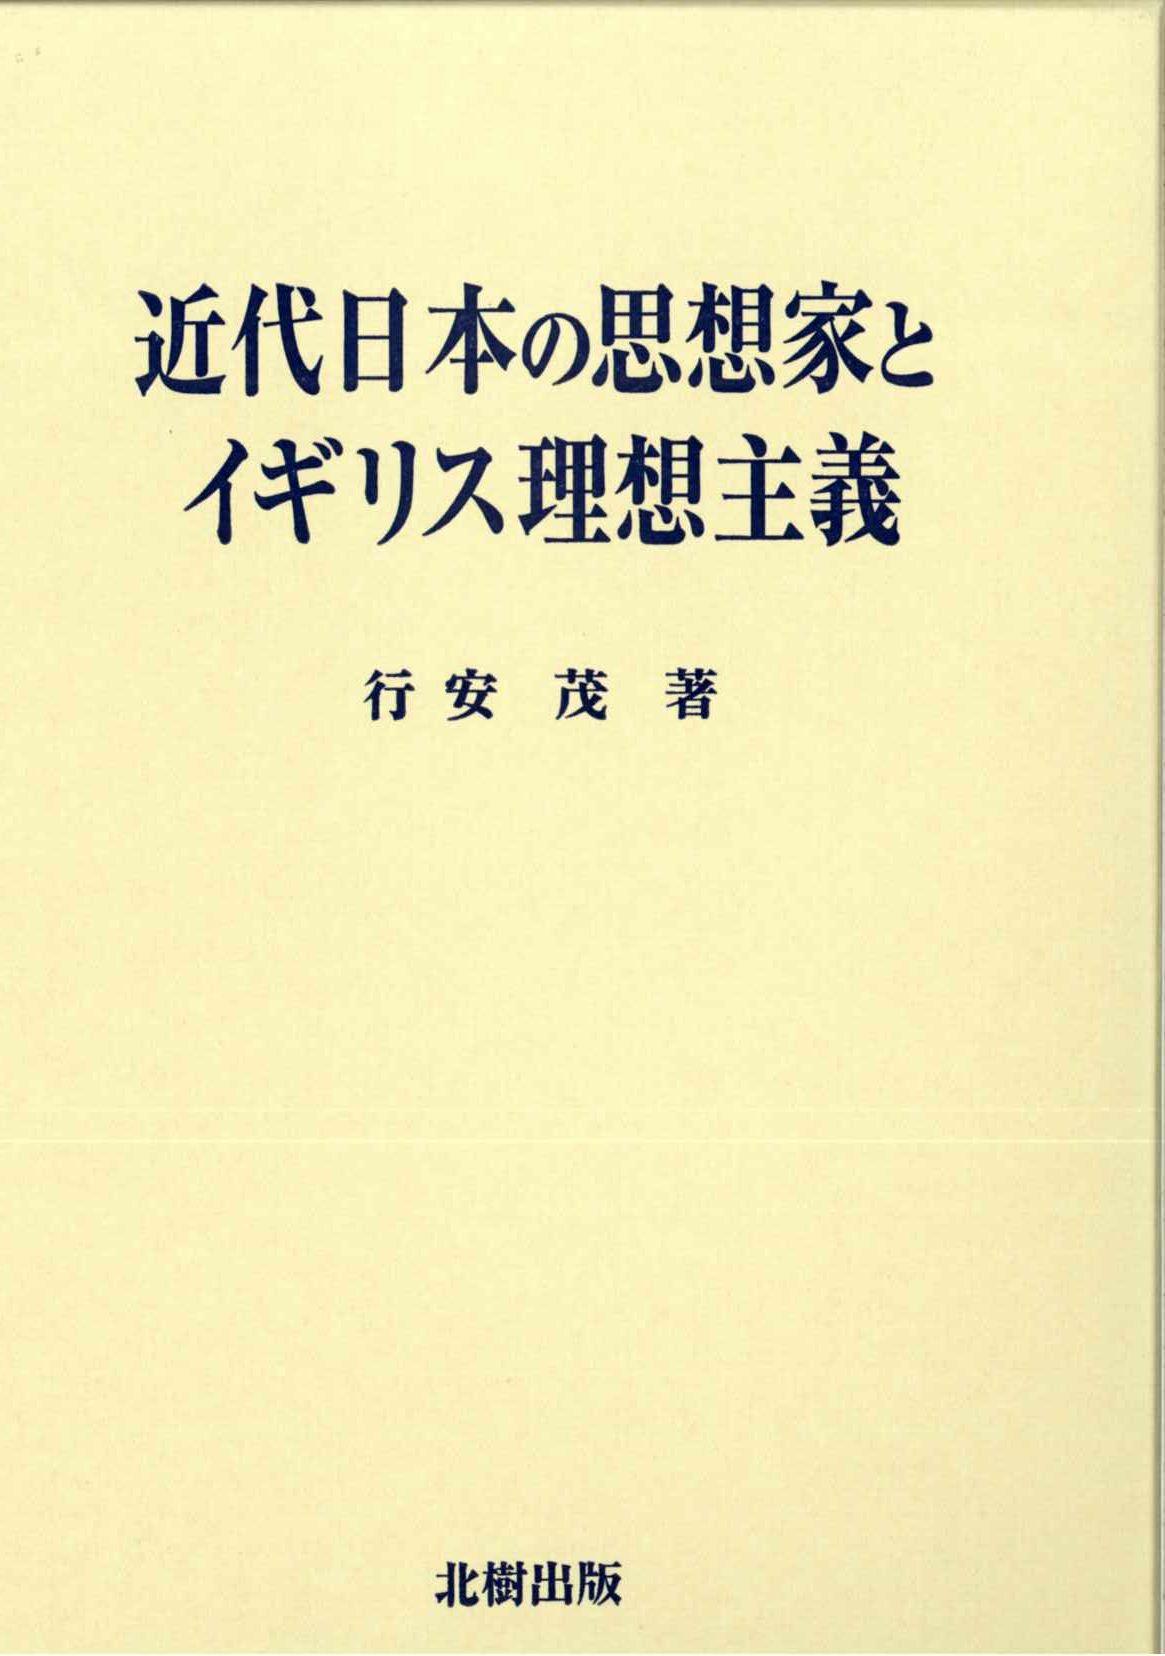 近代日本の思想家とイギリス理想主義